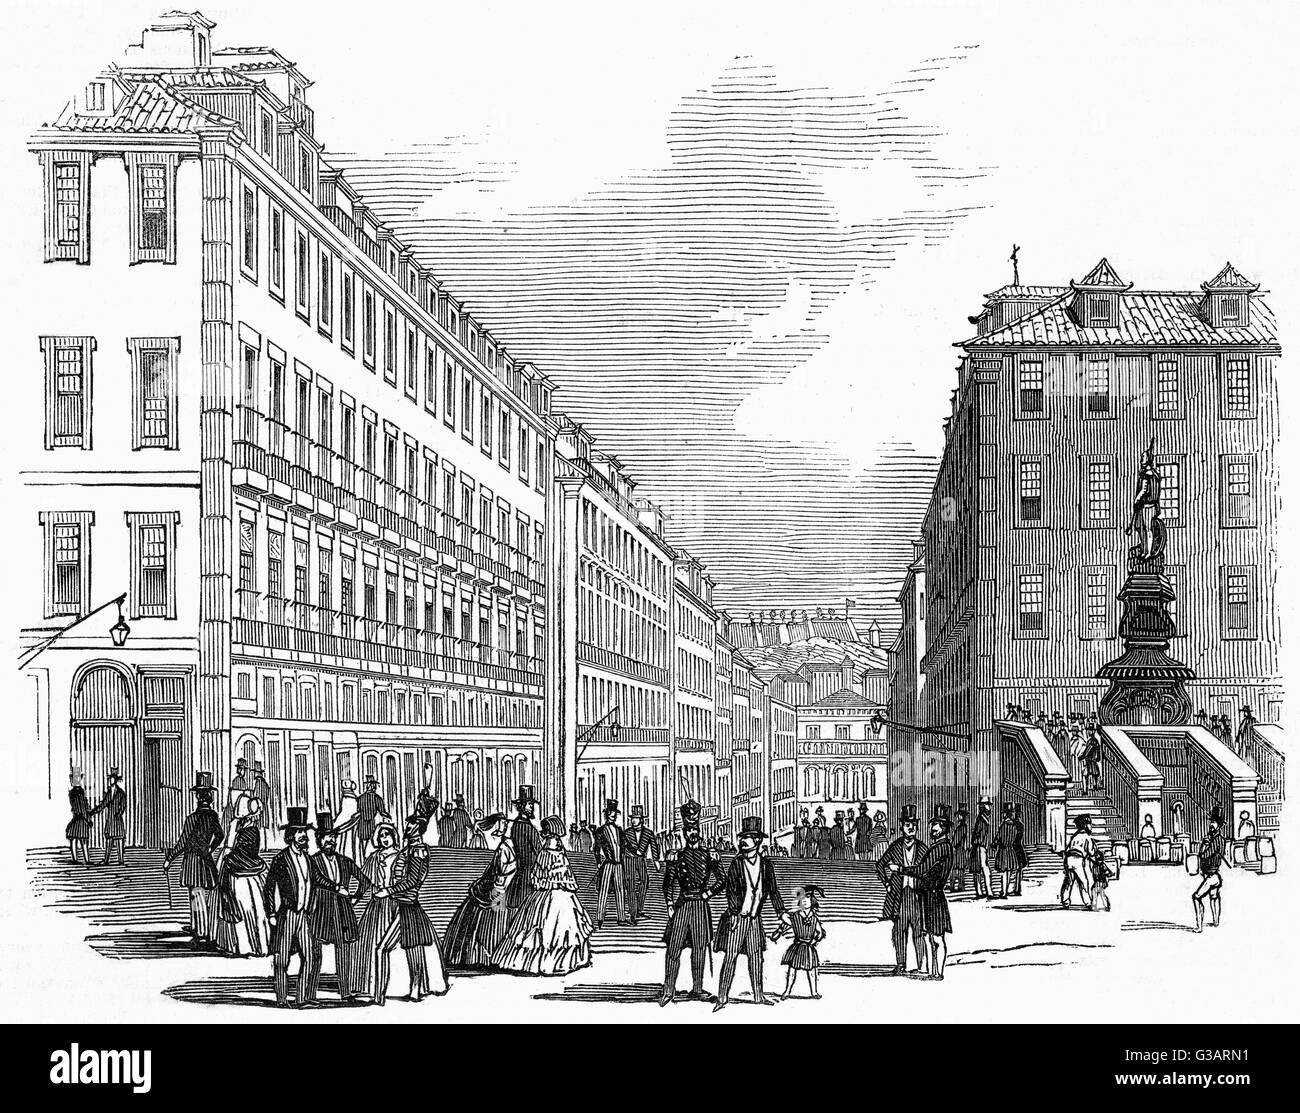 The Rua das Portas de Sta. Catharina, Lisbon     Date: 1846 - Stock Image